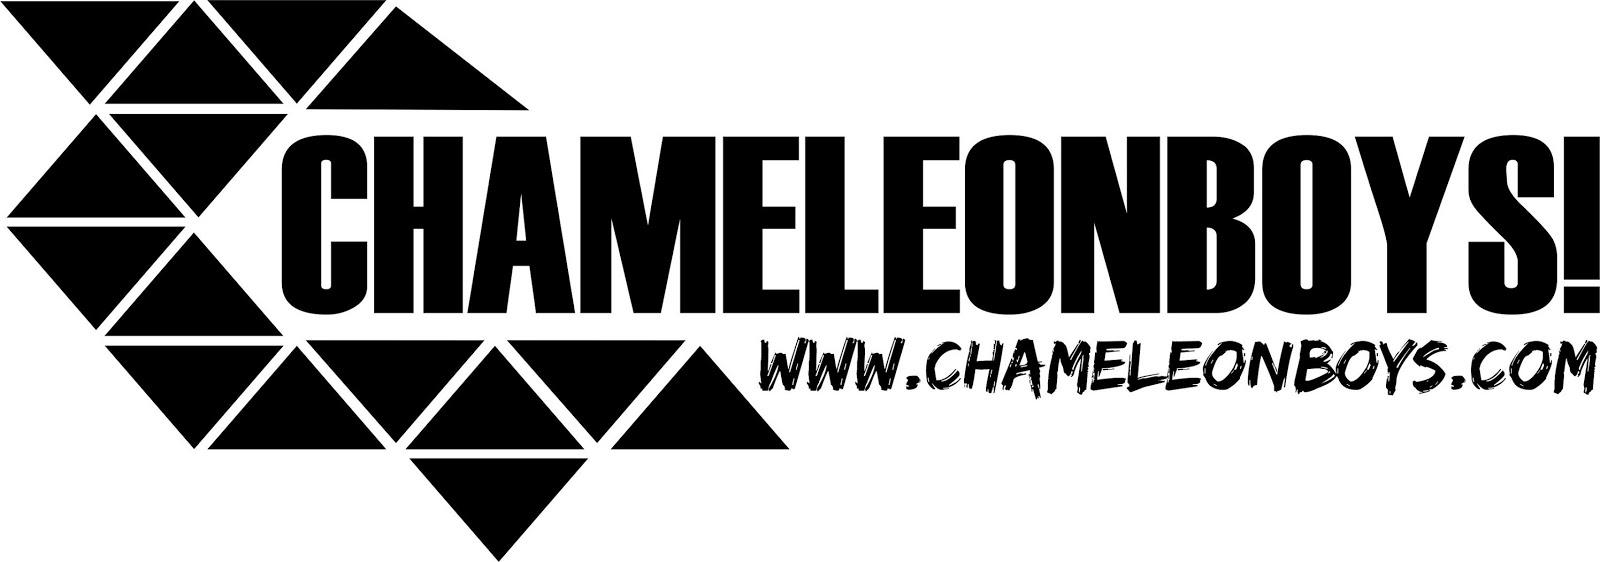 www.chameleonboys.com